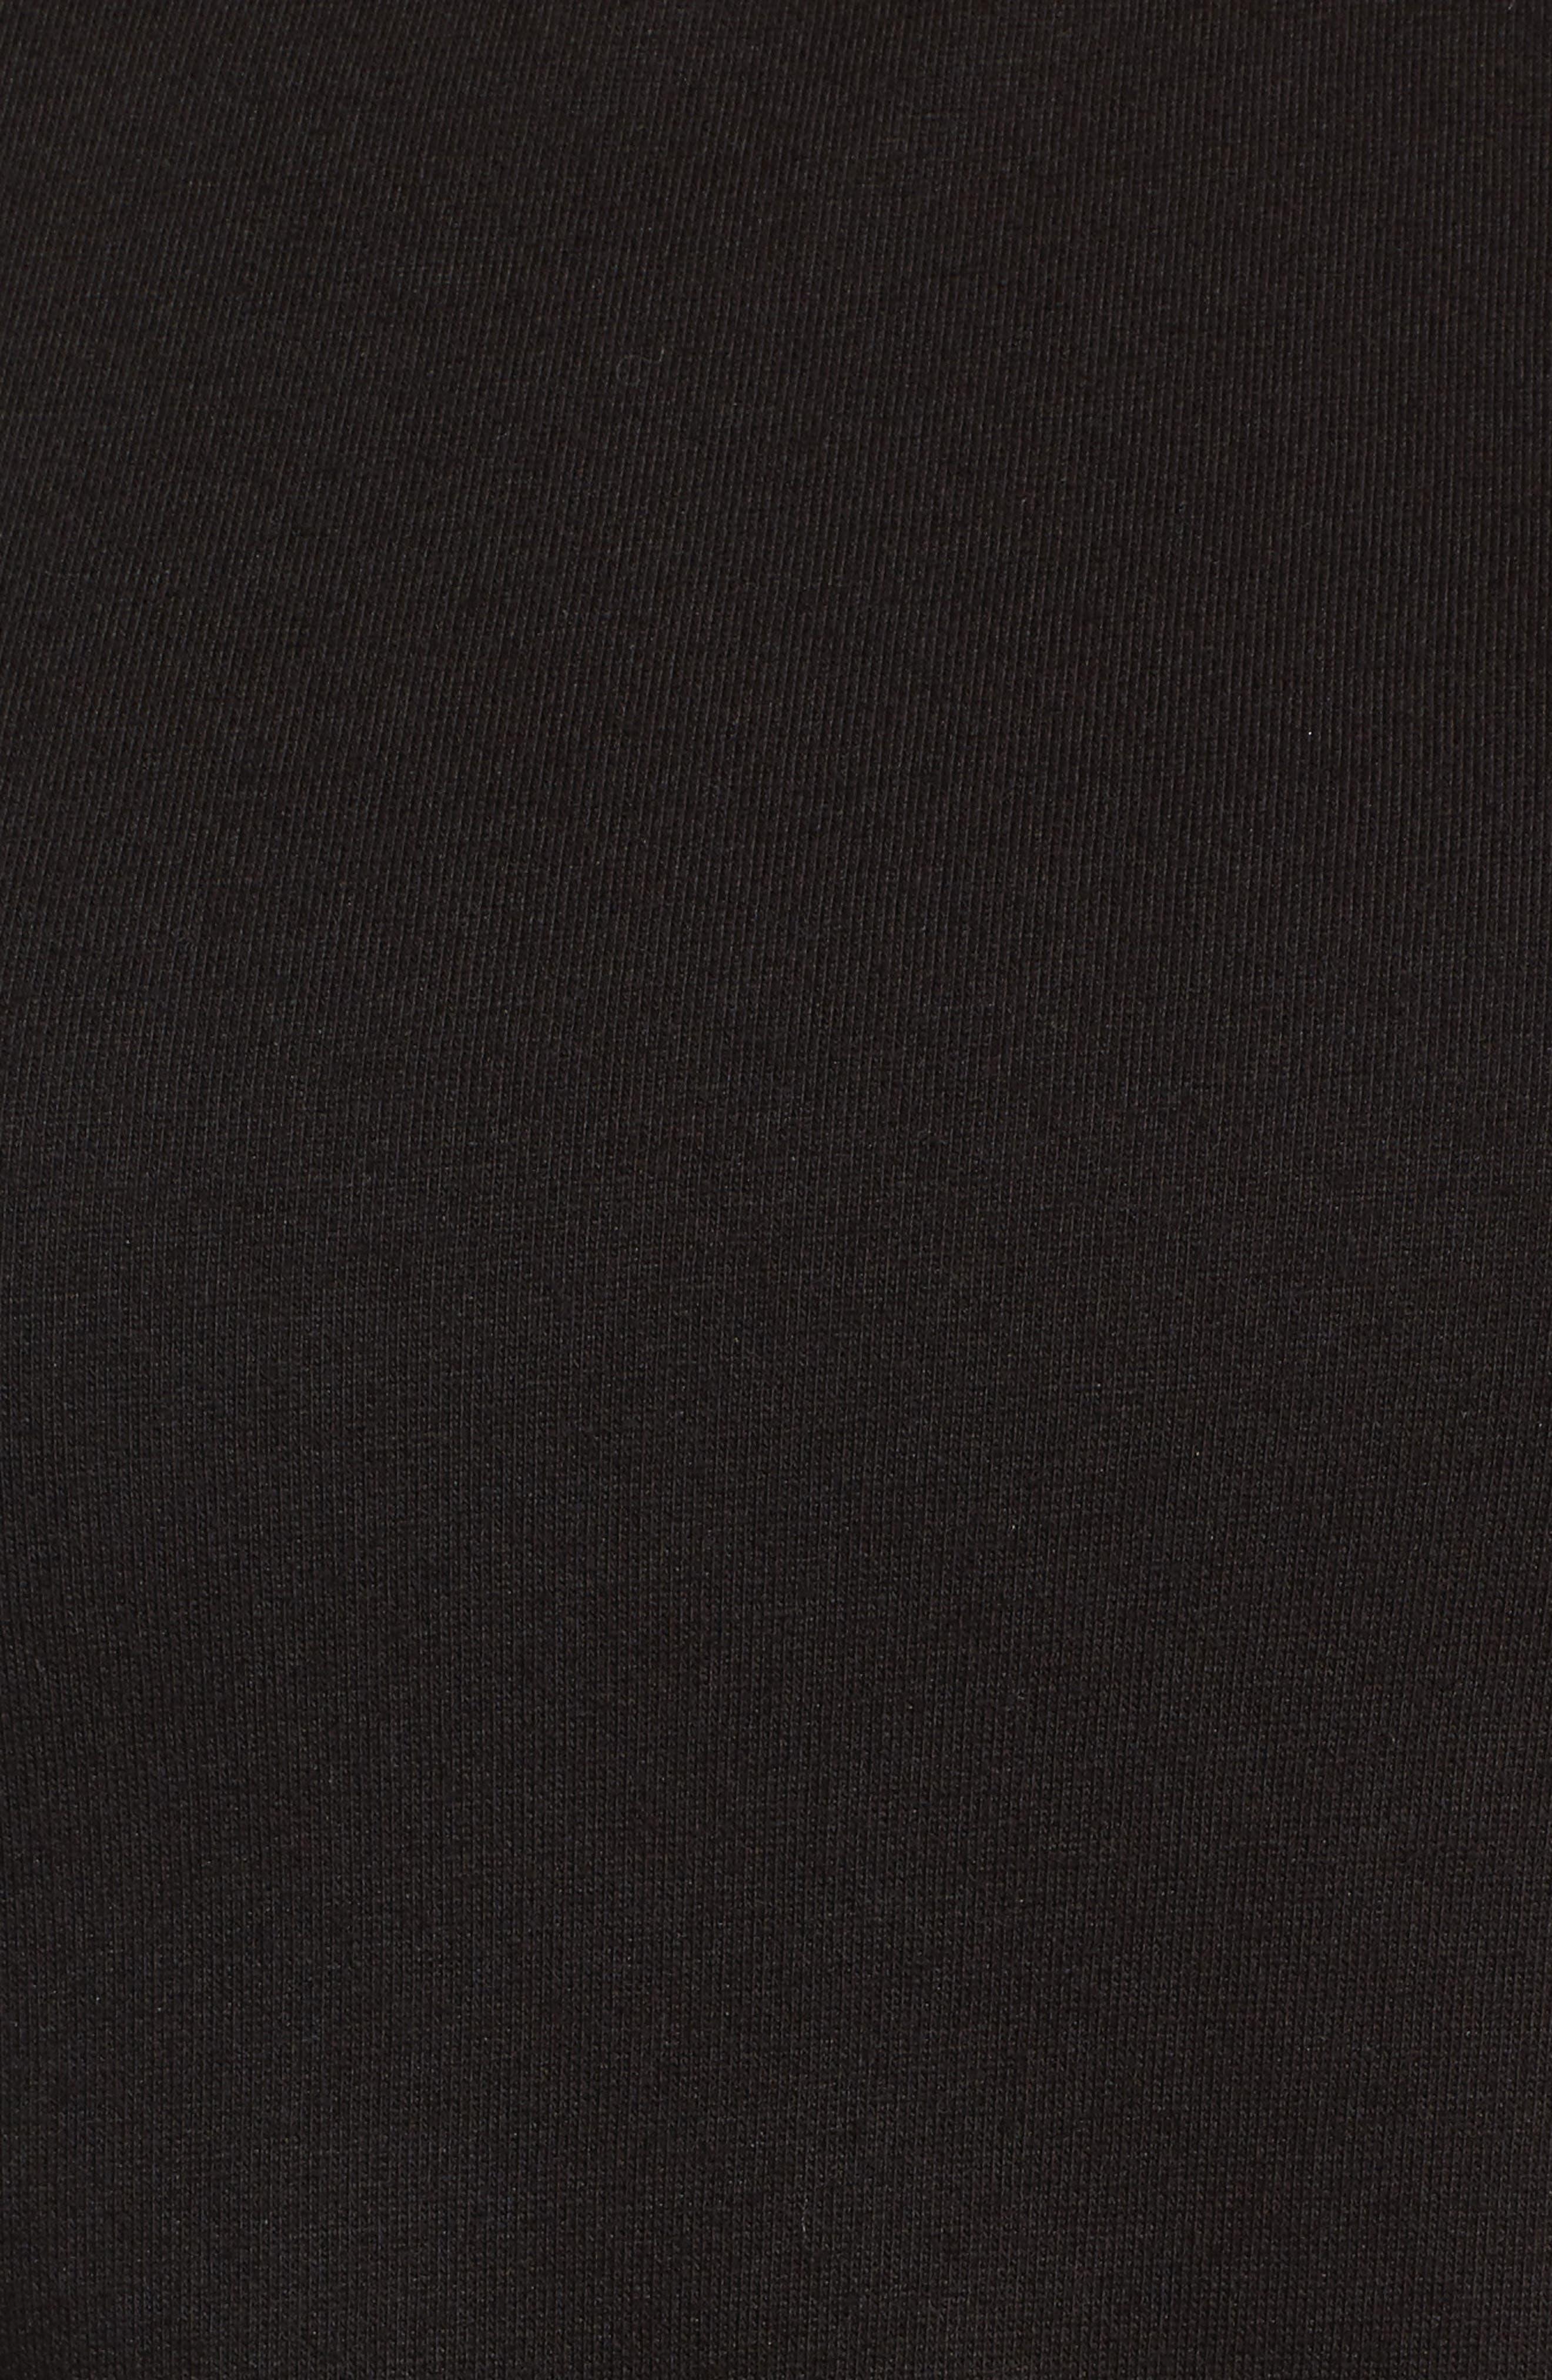 Twist Front Dress,                             Alternate thumbnail 6, color,                             BLACK